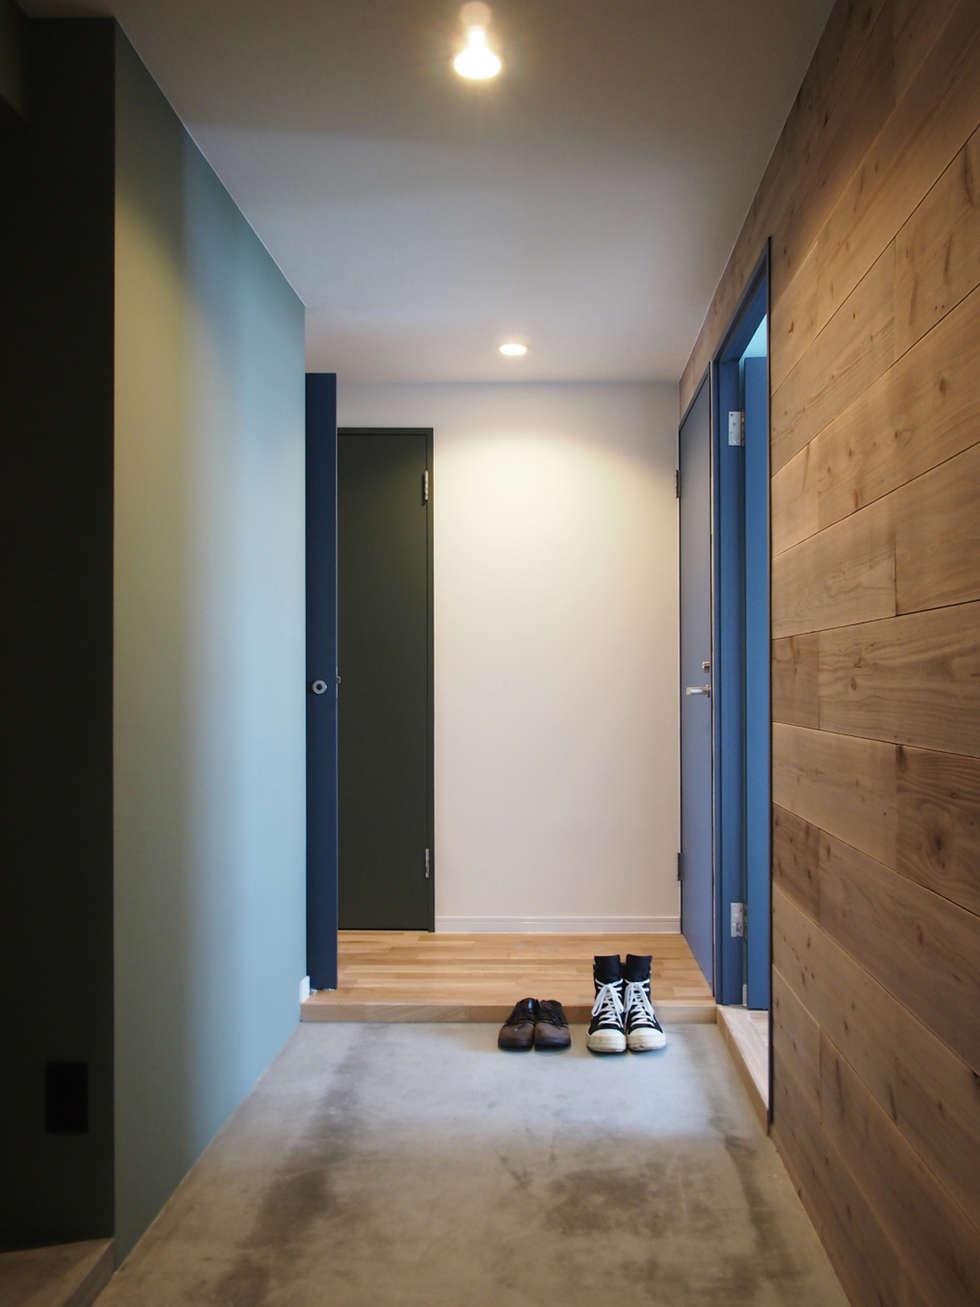 棚の家: 株式会社エキップが手掛けた玄関・廊下・階段です。